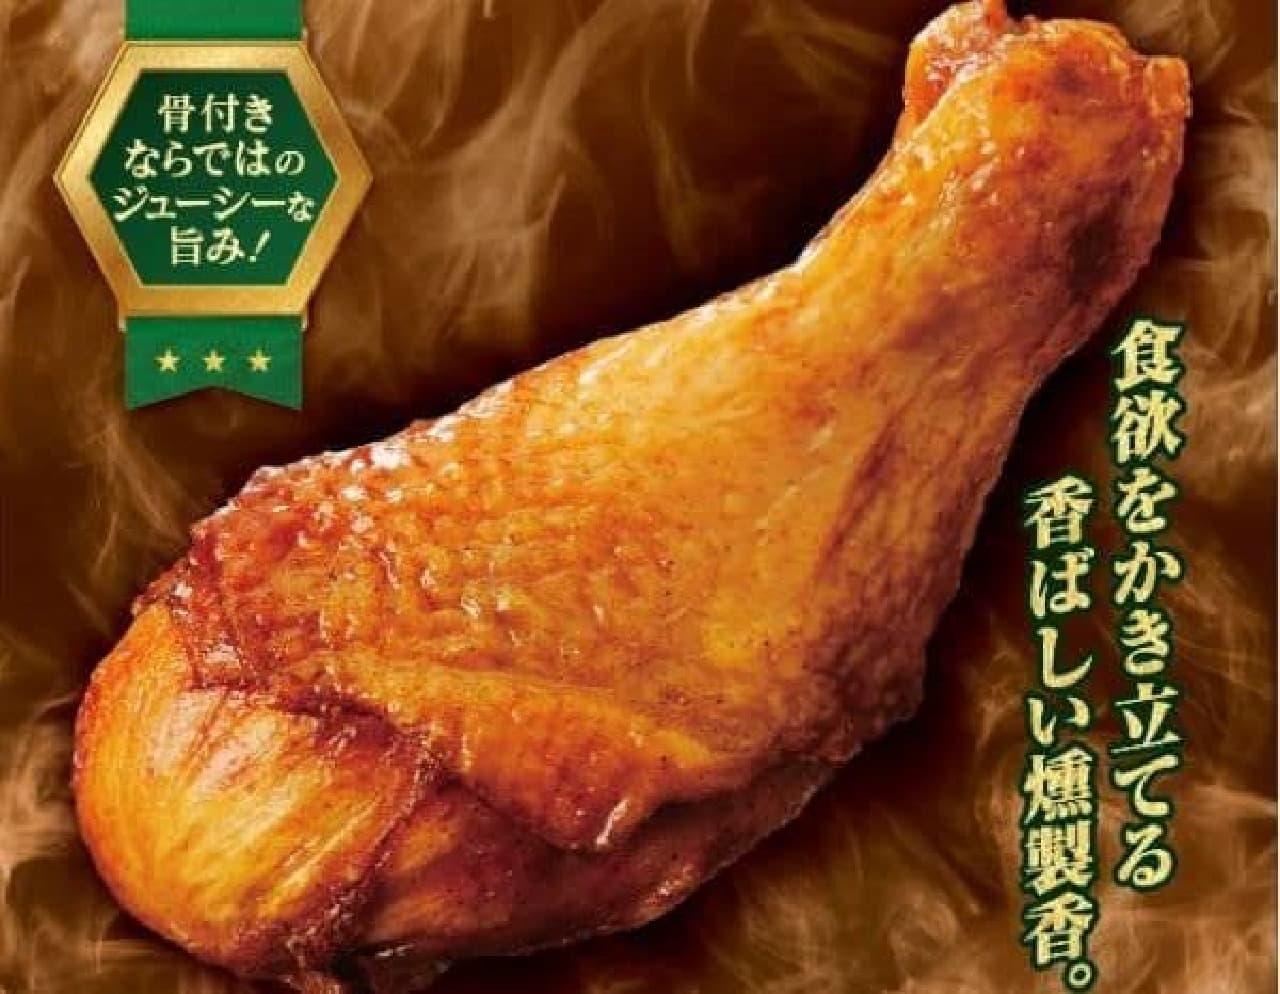 「スモークチキン(骨付き)」は、骨付きのもも肉をシンプルに味付けし、燻製した一品